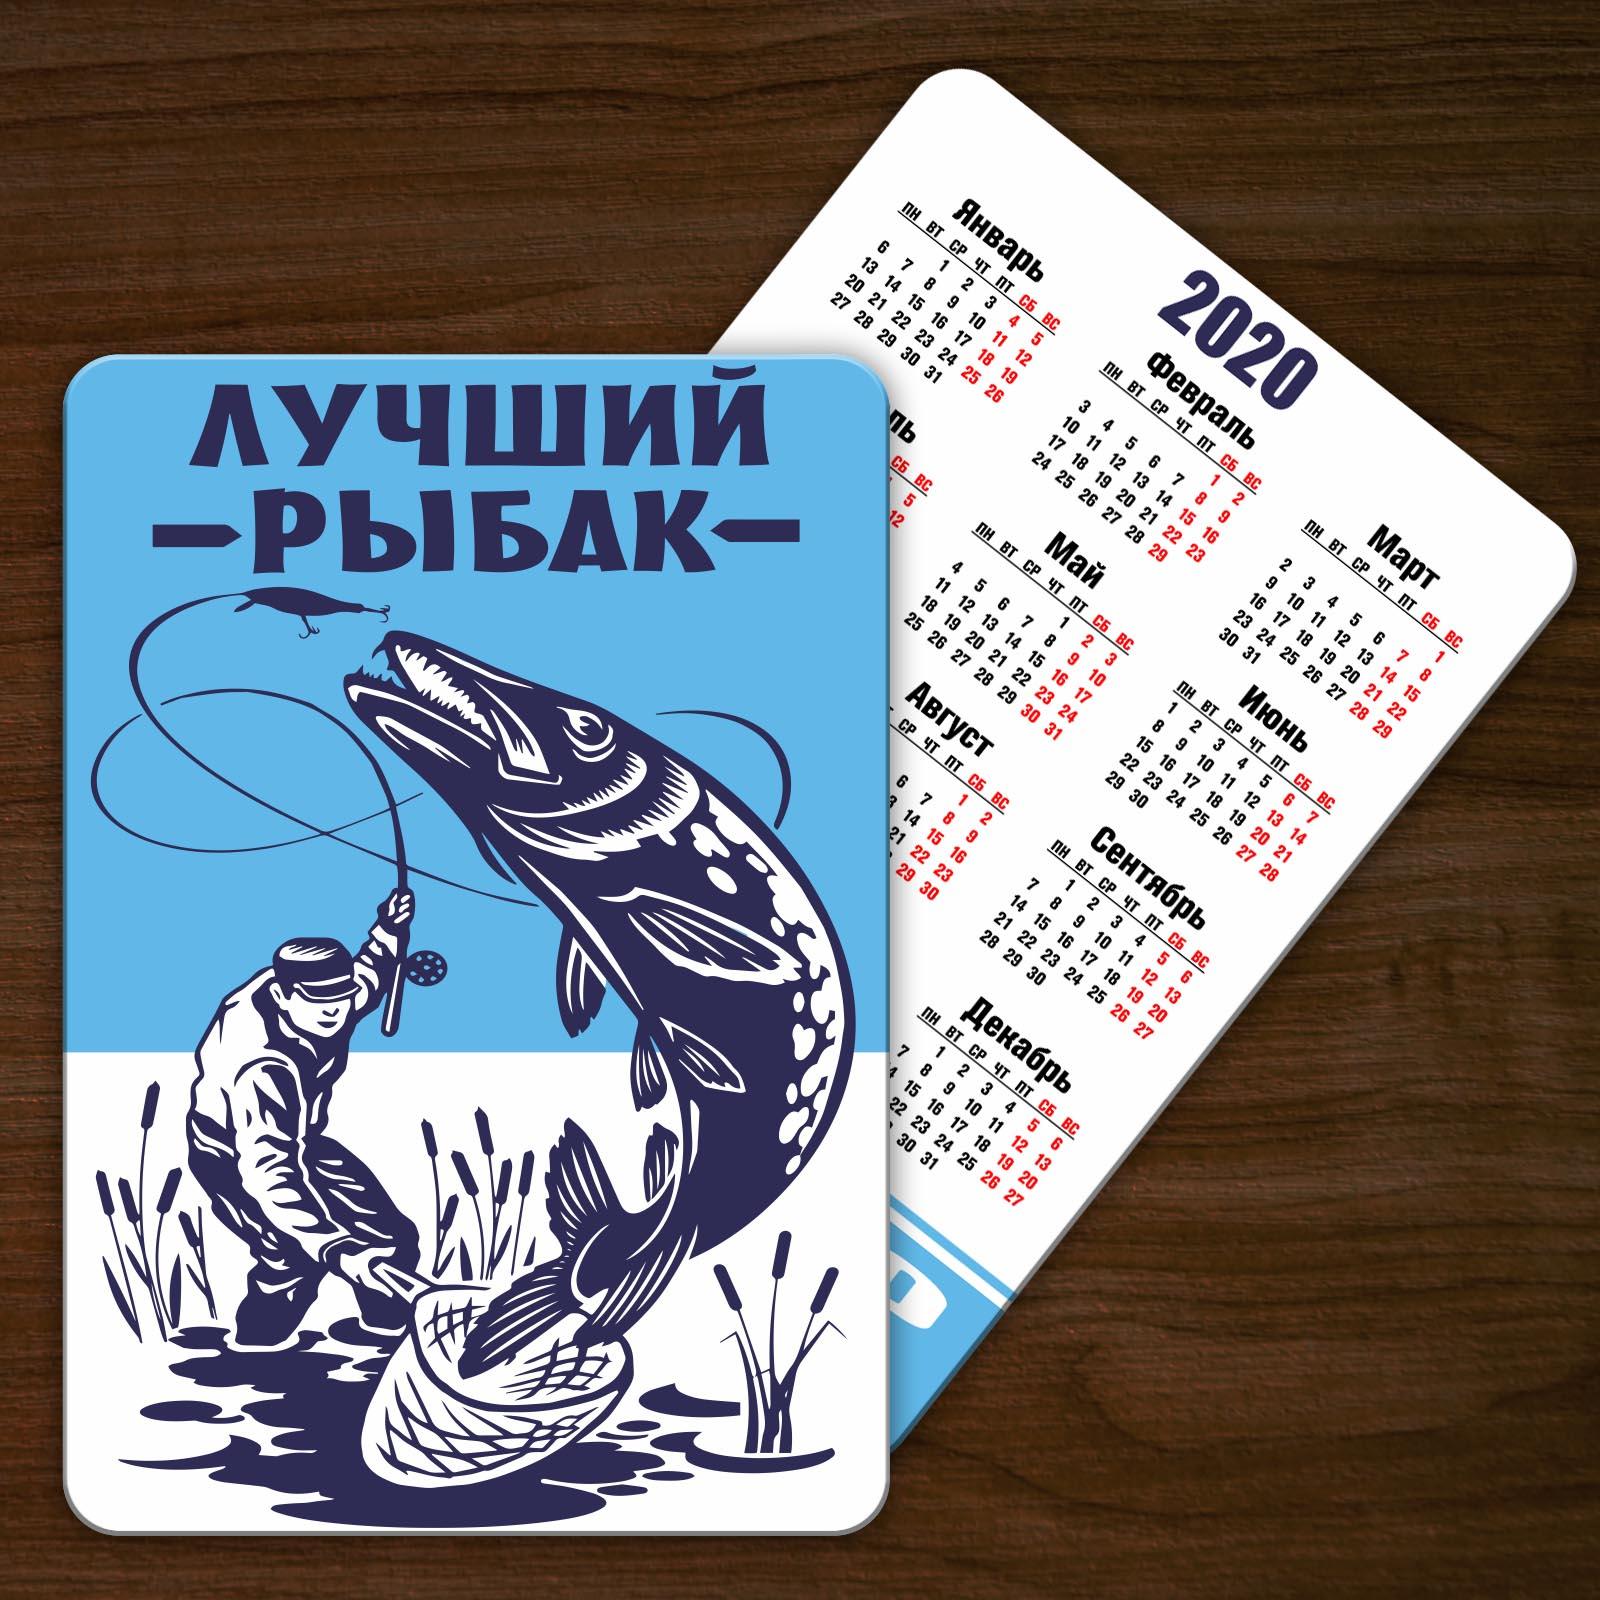 Календарь на 2020 год Лучшему рыбаку